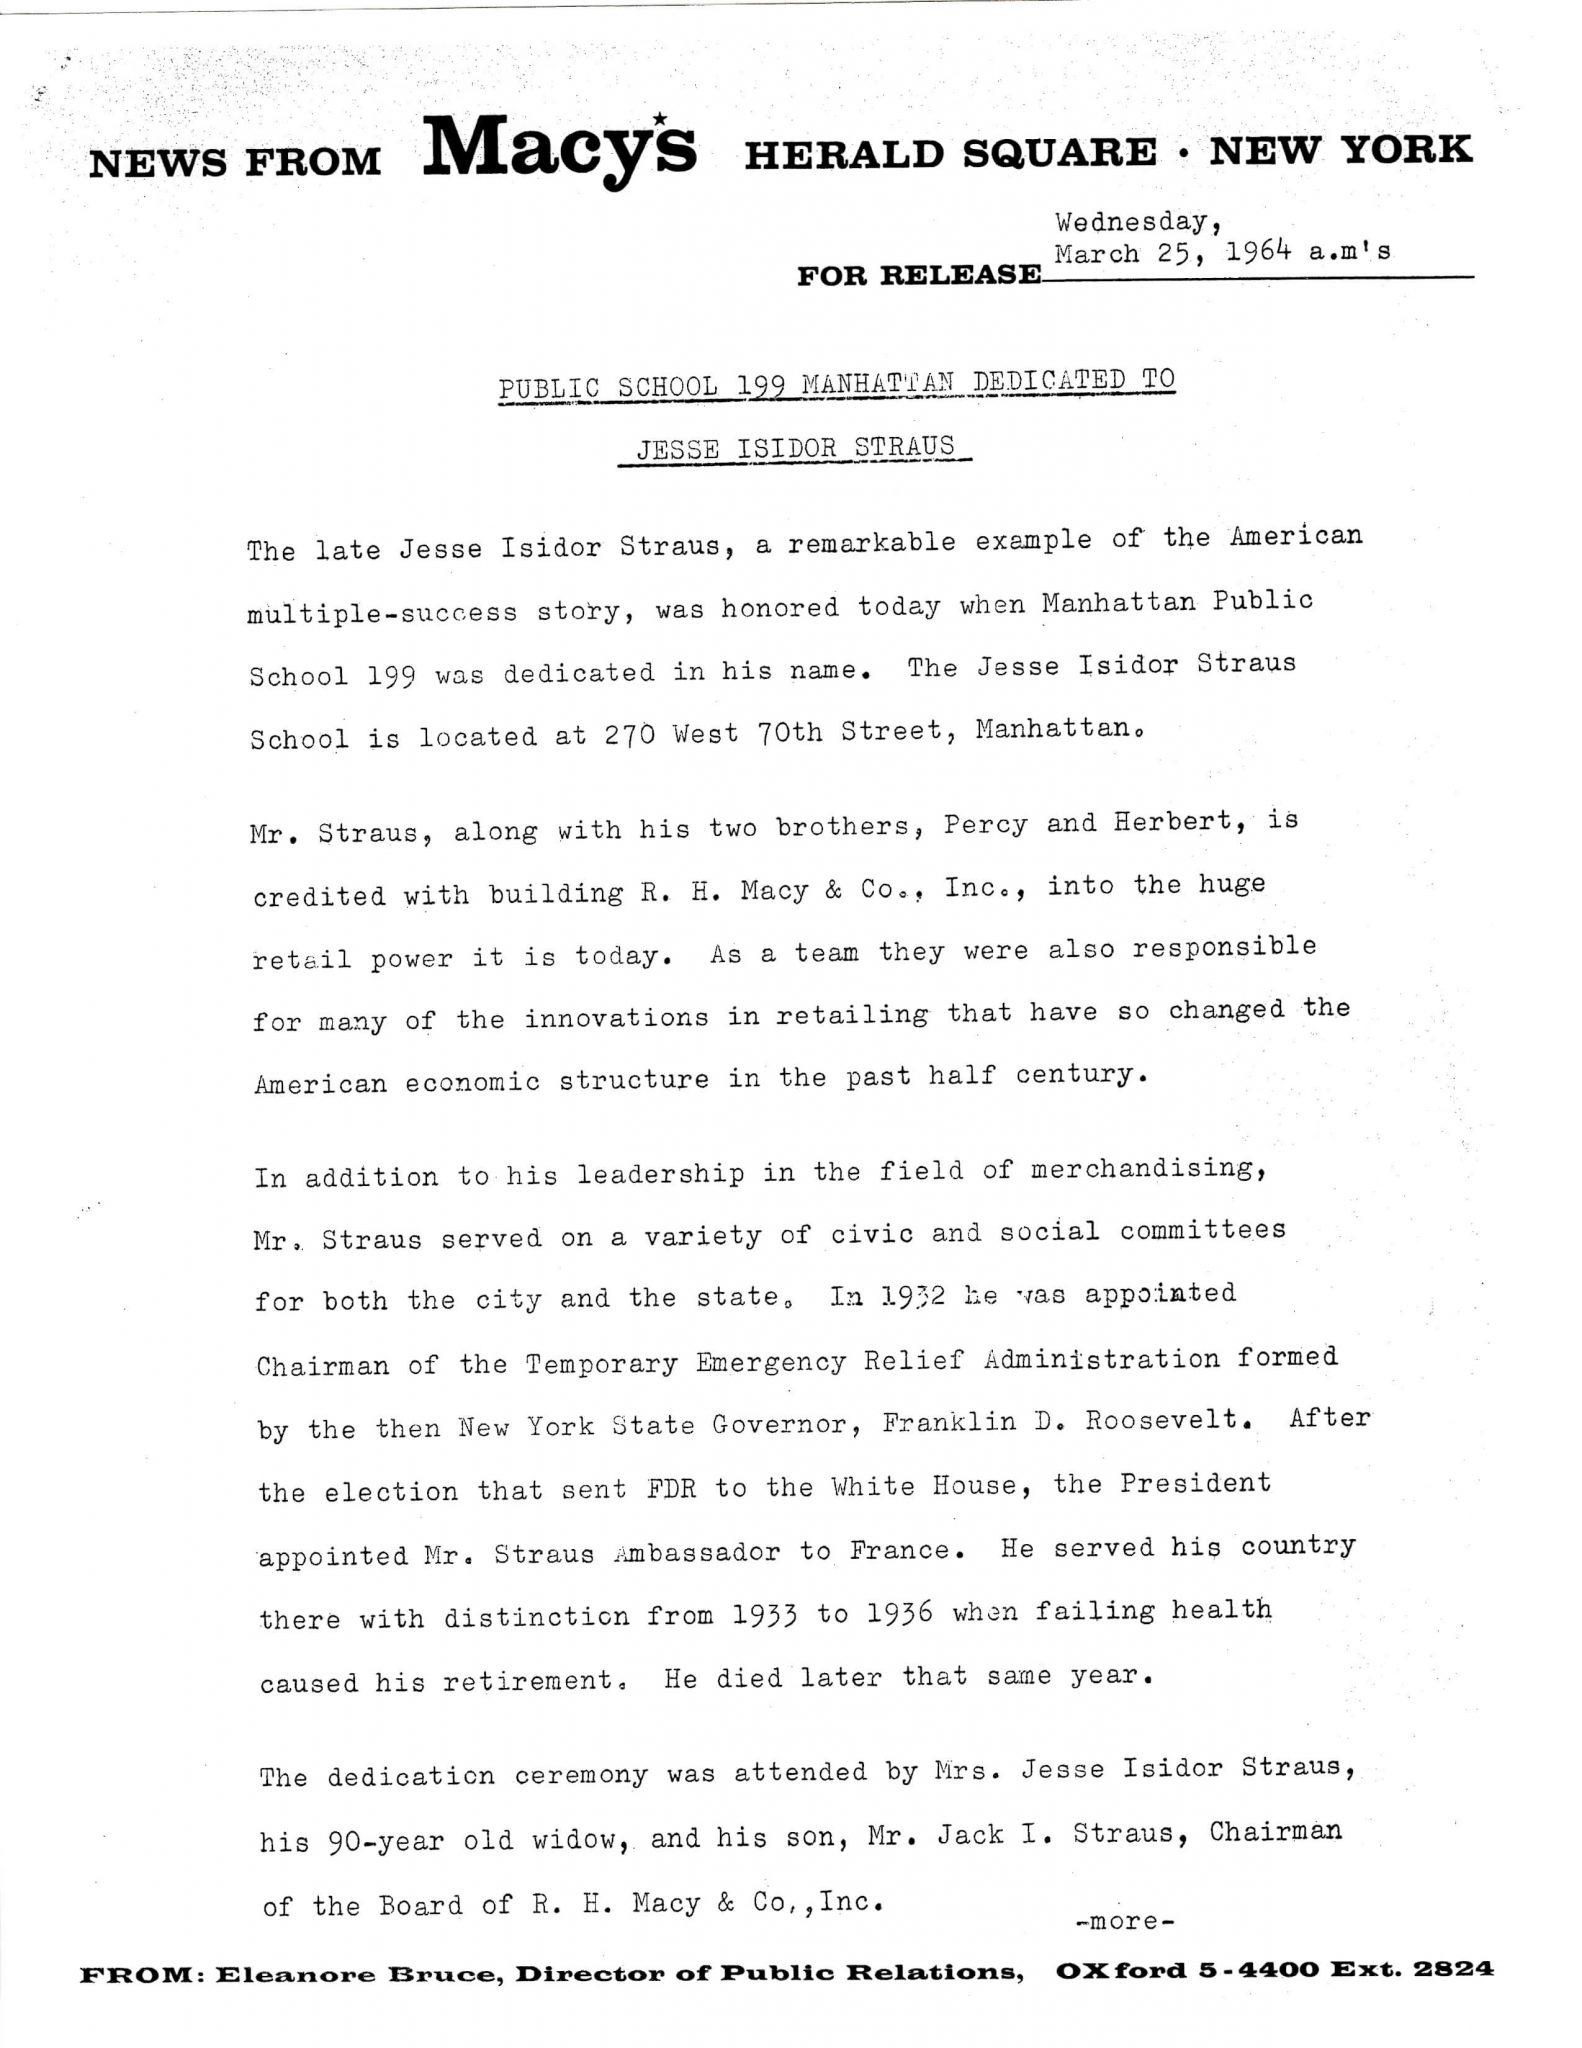 Macys Press Release - Dedication - 25 March 1964